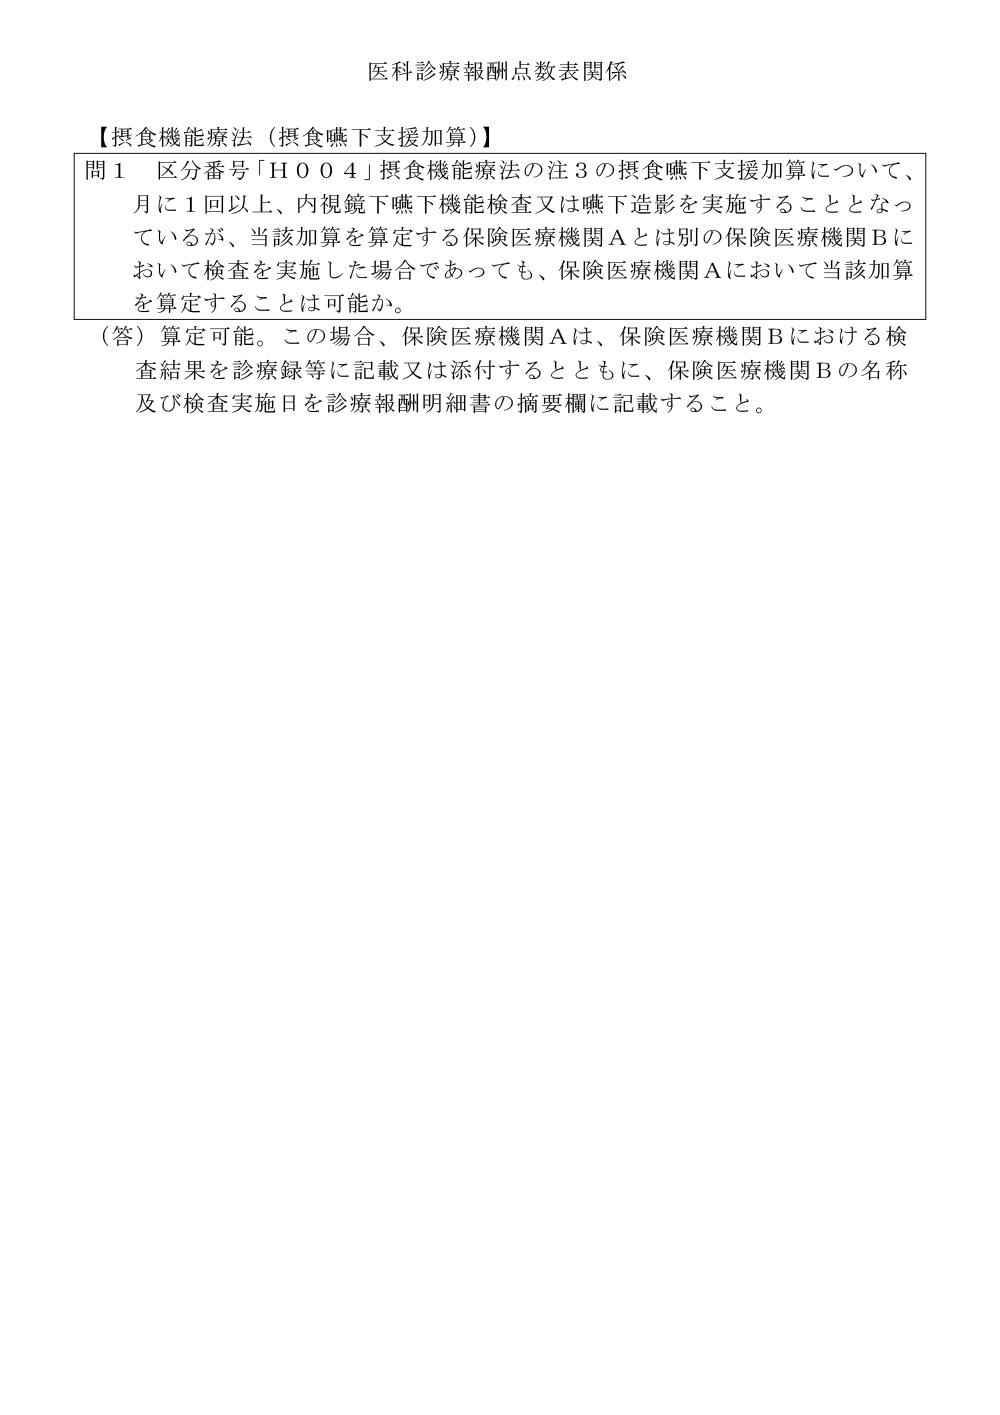 【保険】疑義解釈資料の送付について(その20)